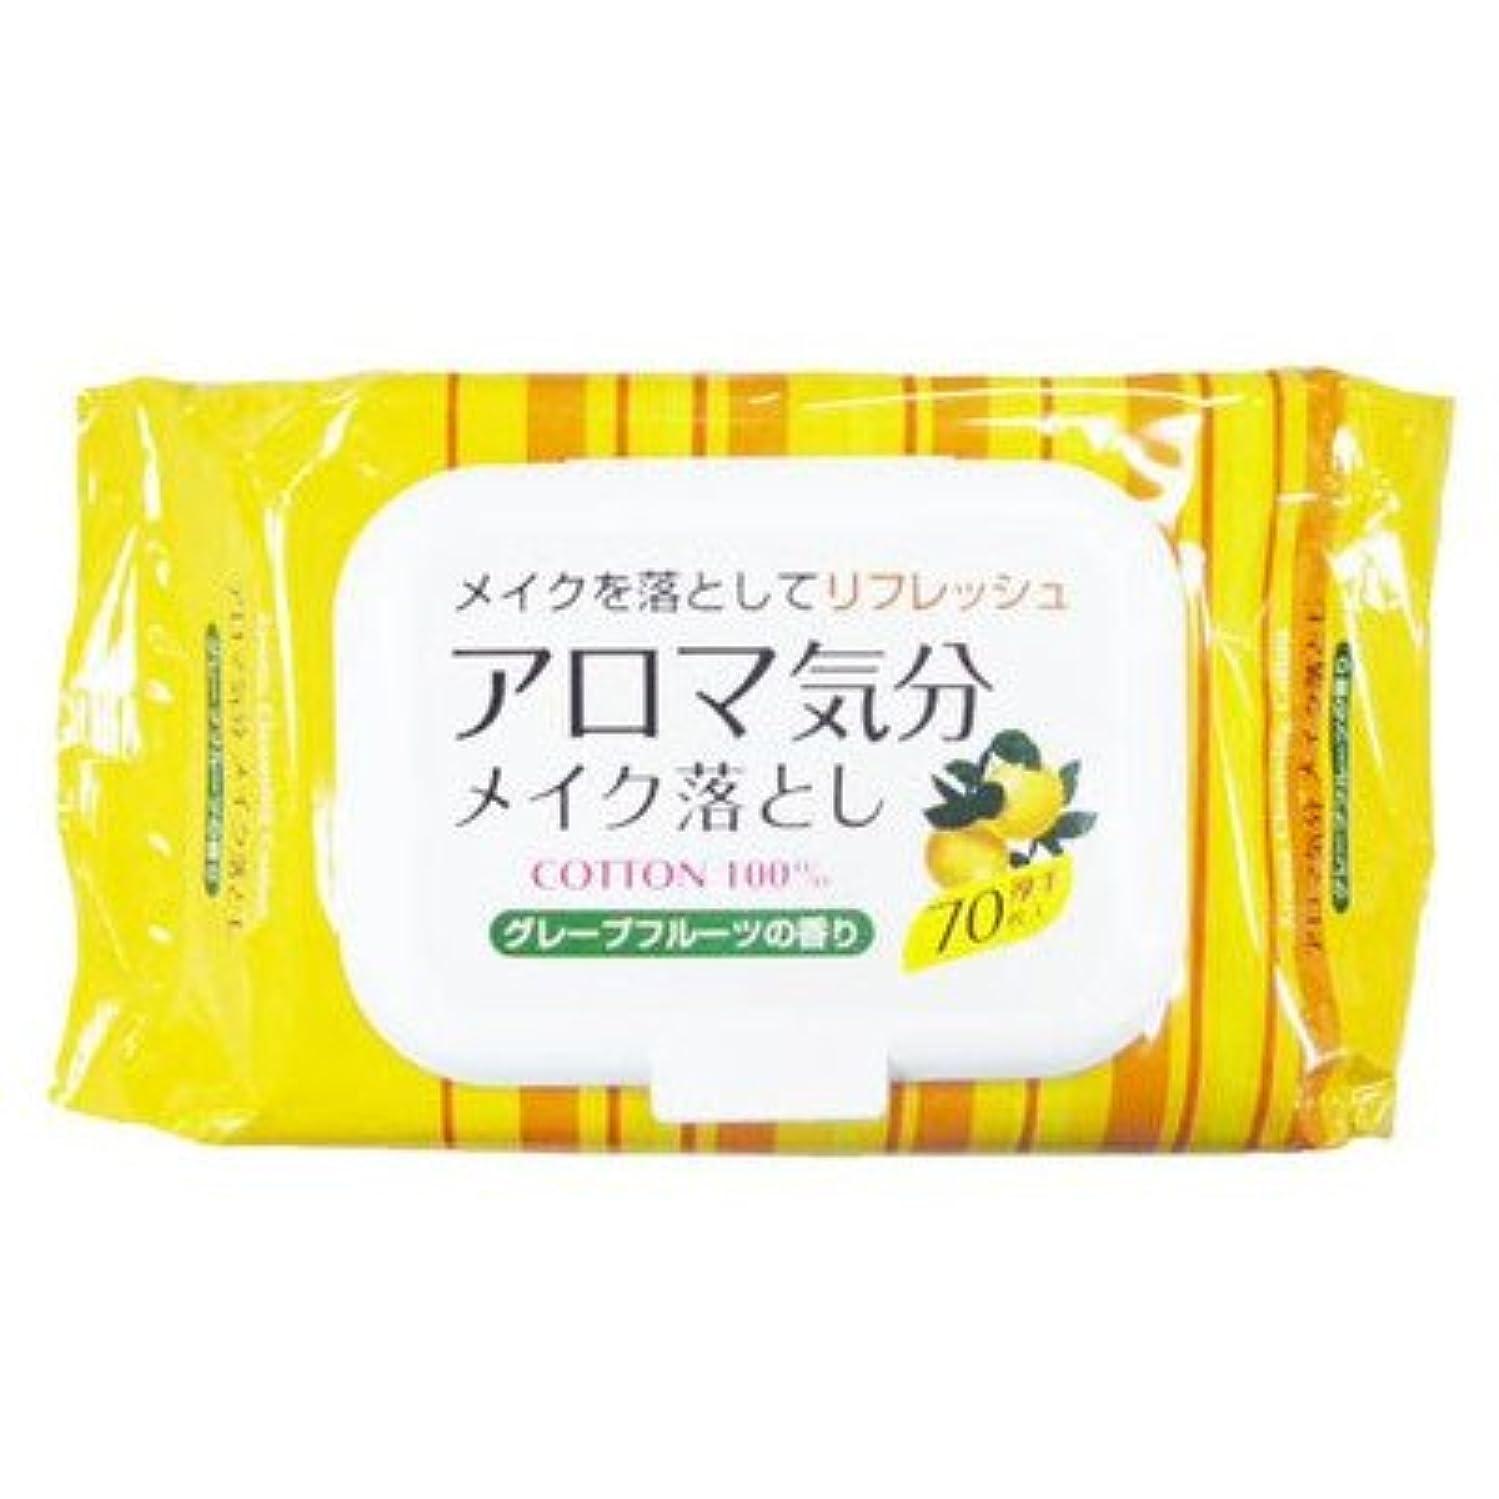 アロマ気分メイクおとし グレープフルーツの香り 70枚(大一紙工)